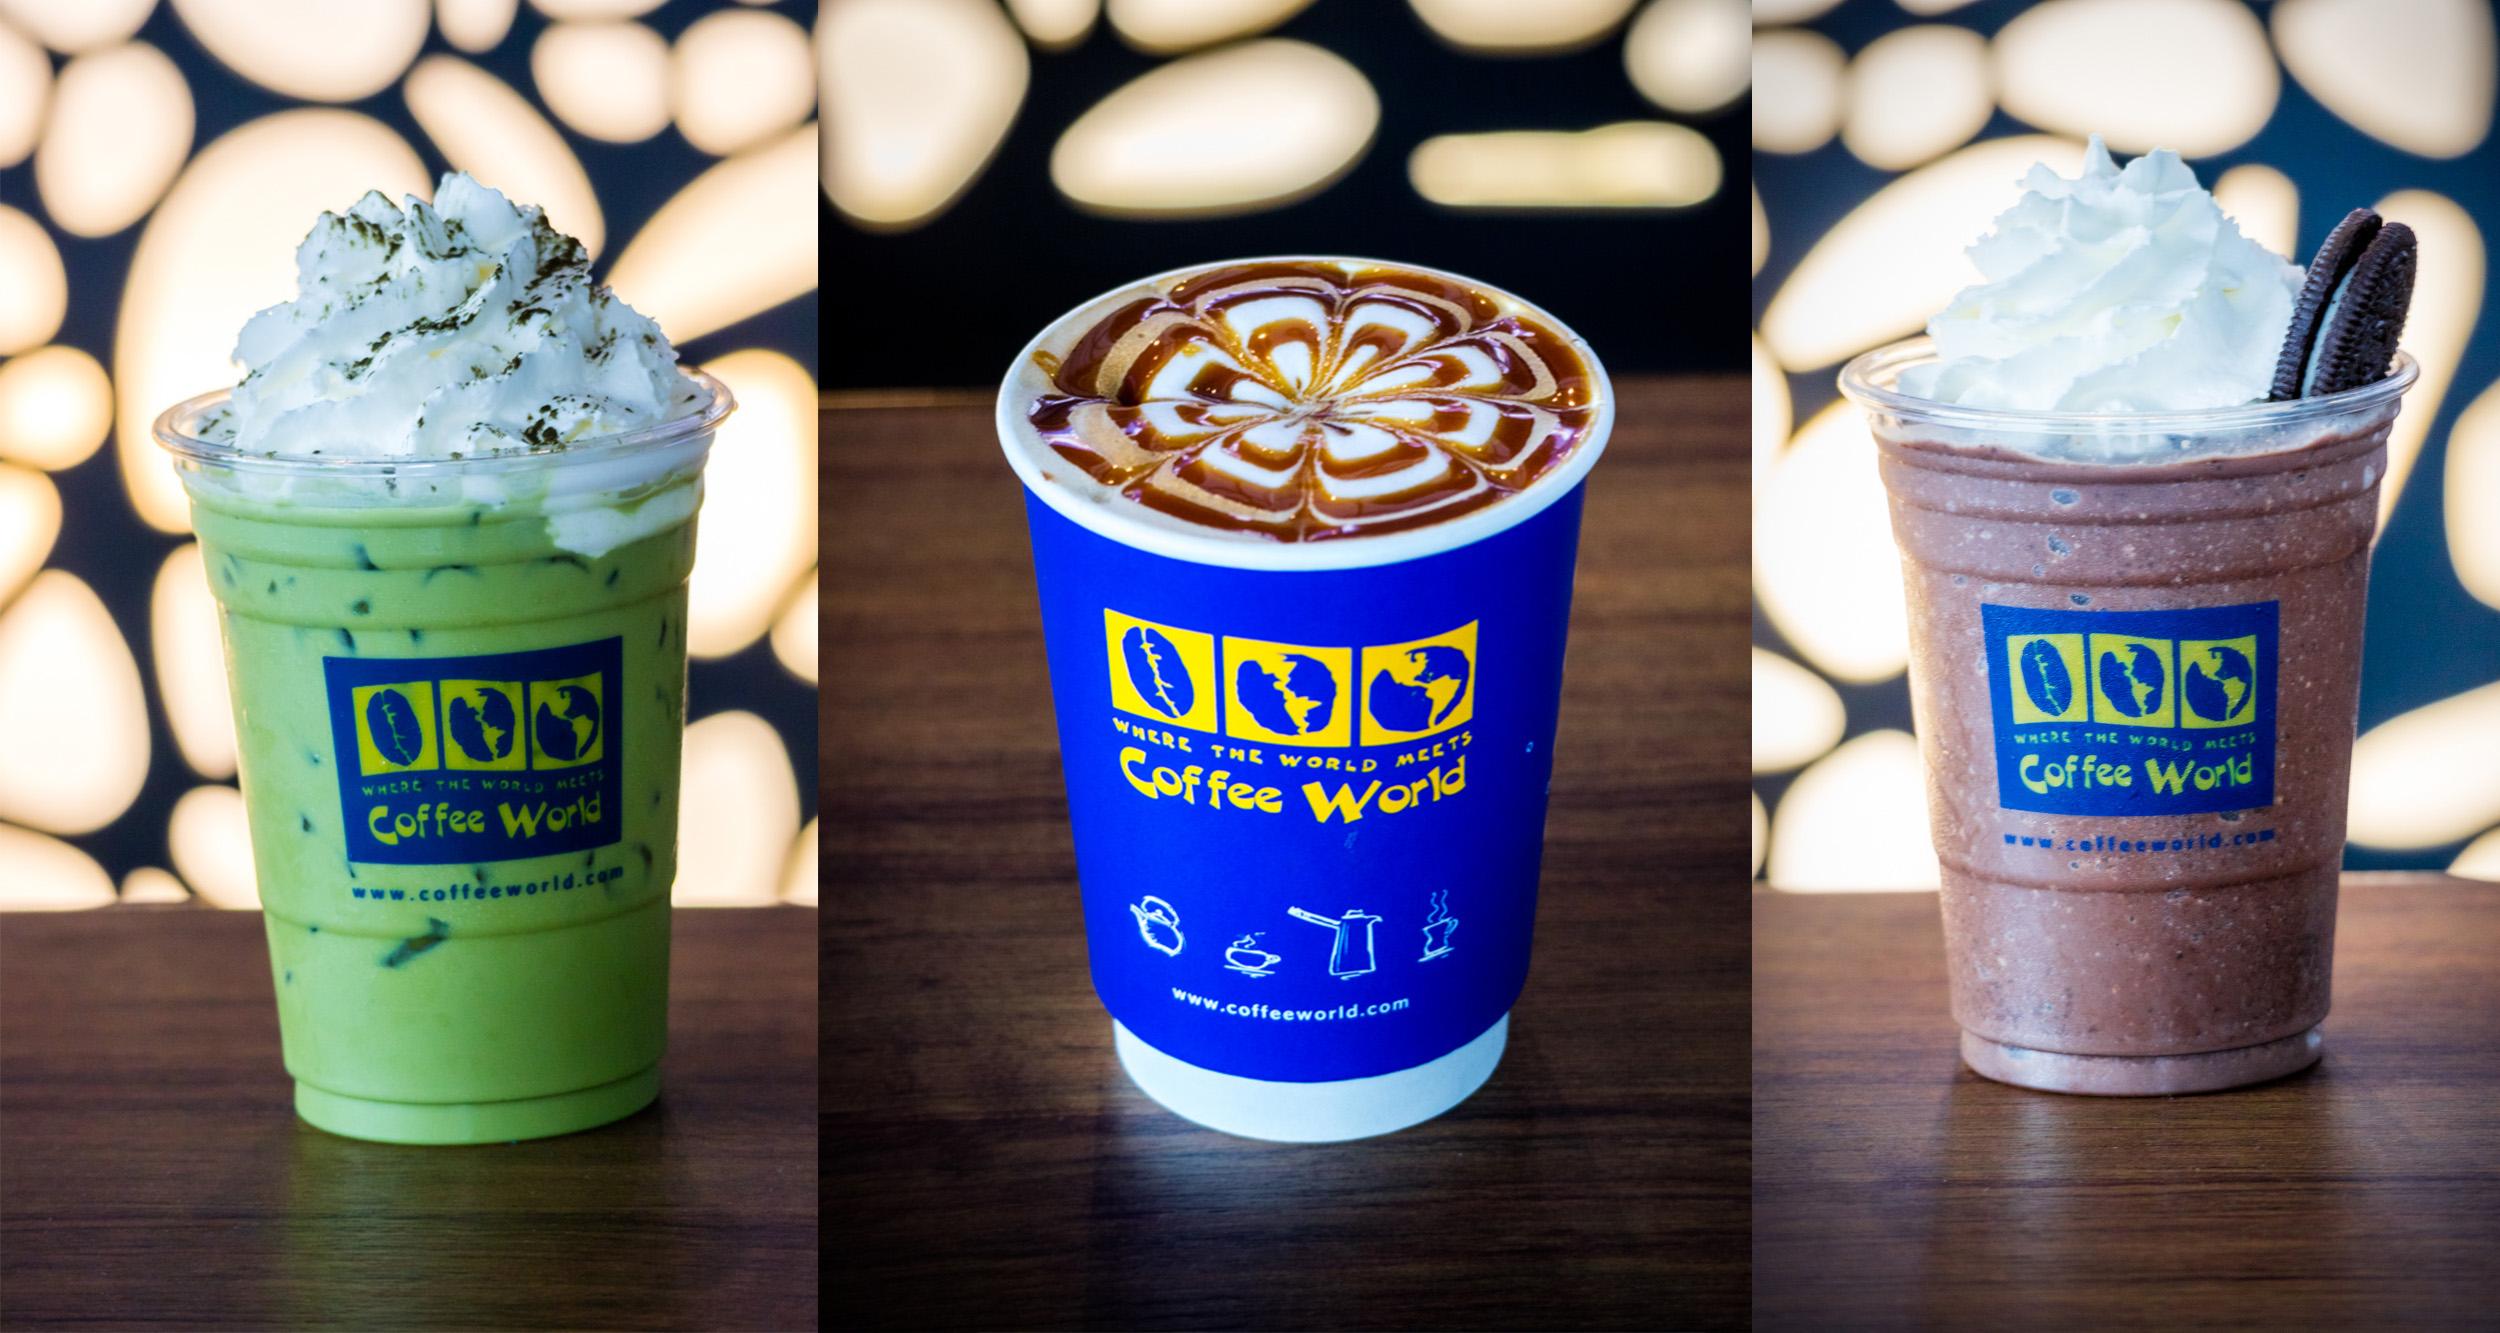 Coffee World  ร้านอาหารแนะนำ ในอาคารผู้โดยสารขาออกระหว่างประเทศ ท่าอากาศยานภูเก็ต Coffee World